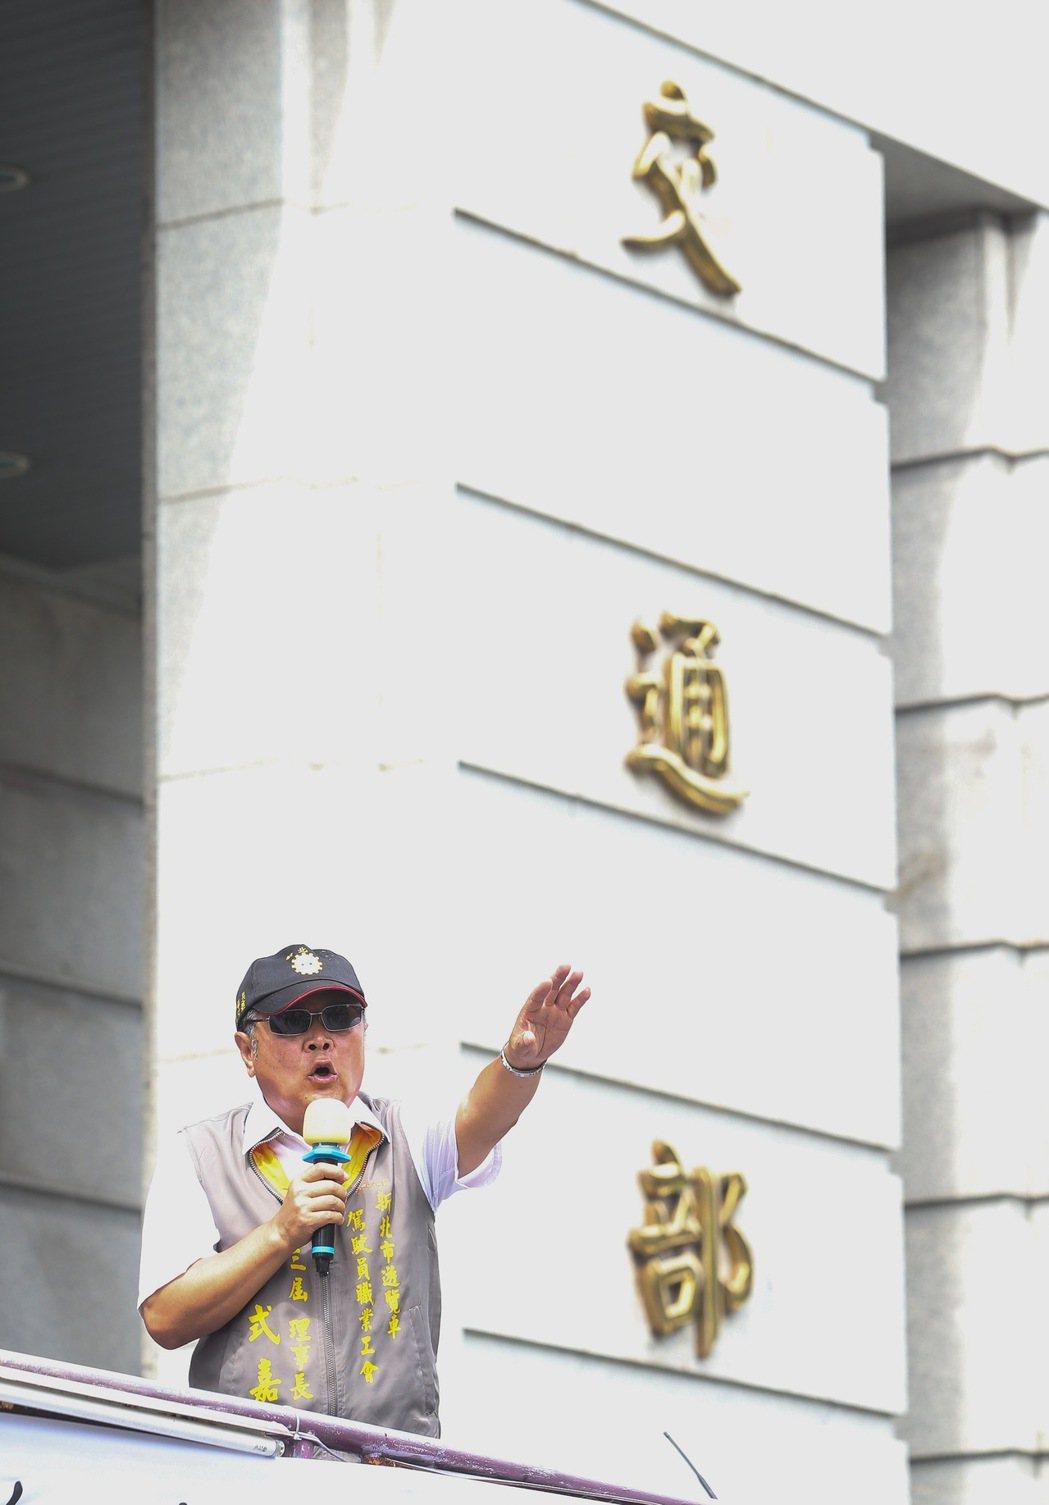 新北市駕駛員職業工會理事長李式嘉在交通部前表達訴求。記者黃威彬/攝影